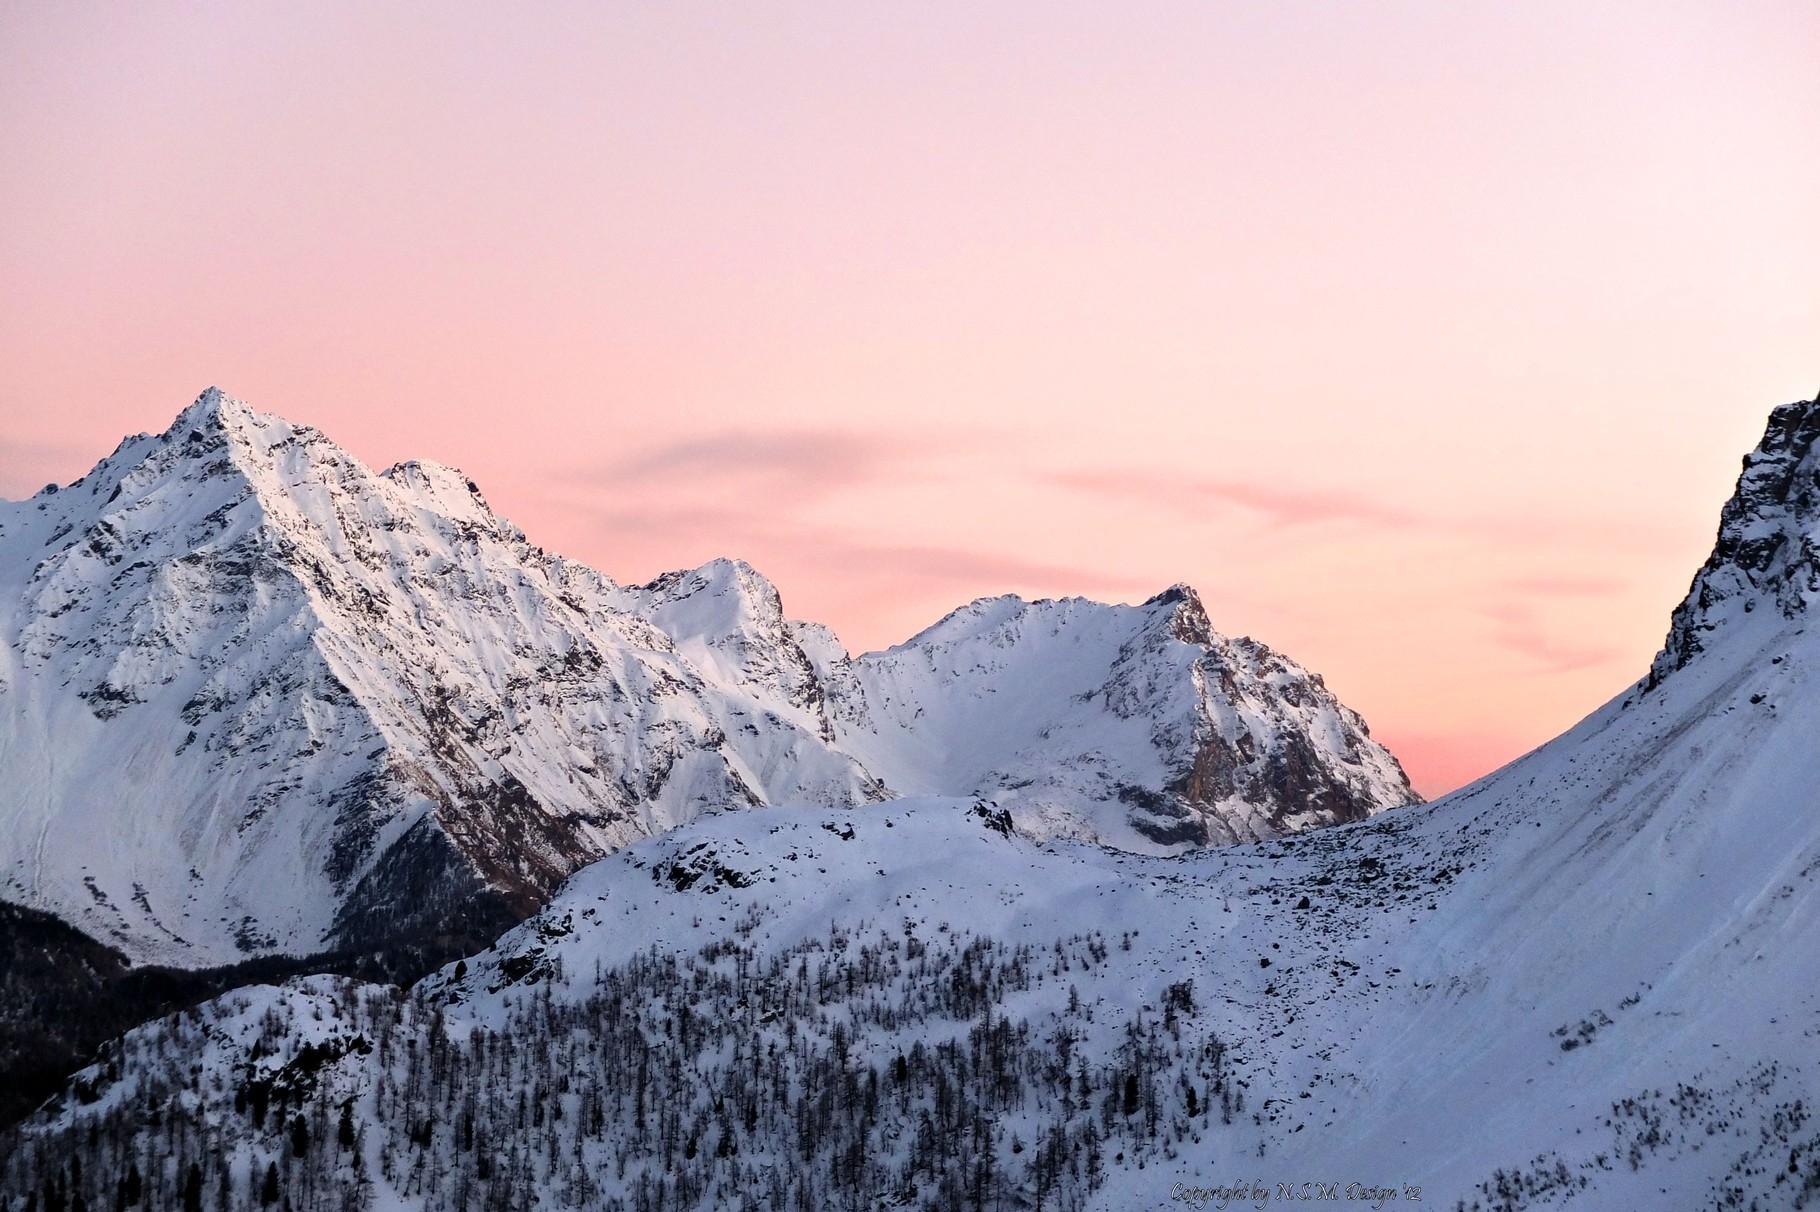 View of Berninapass